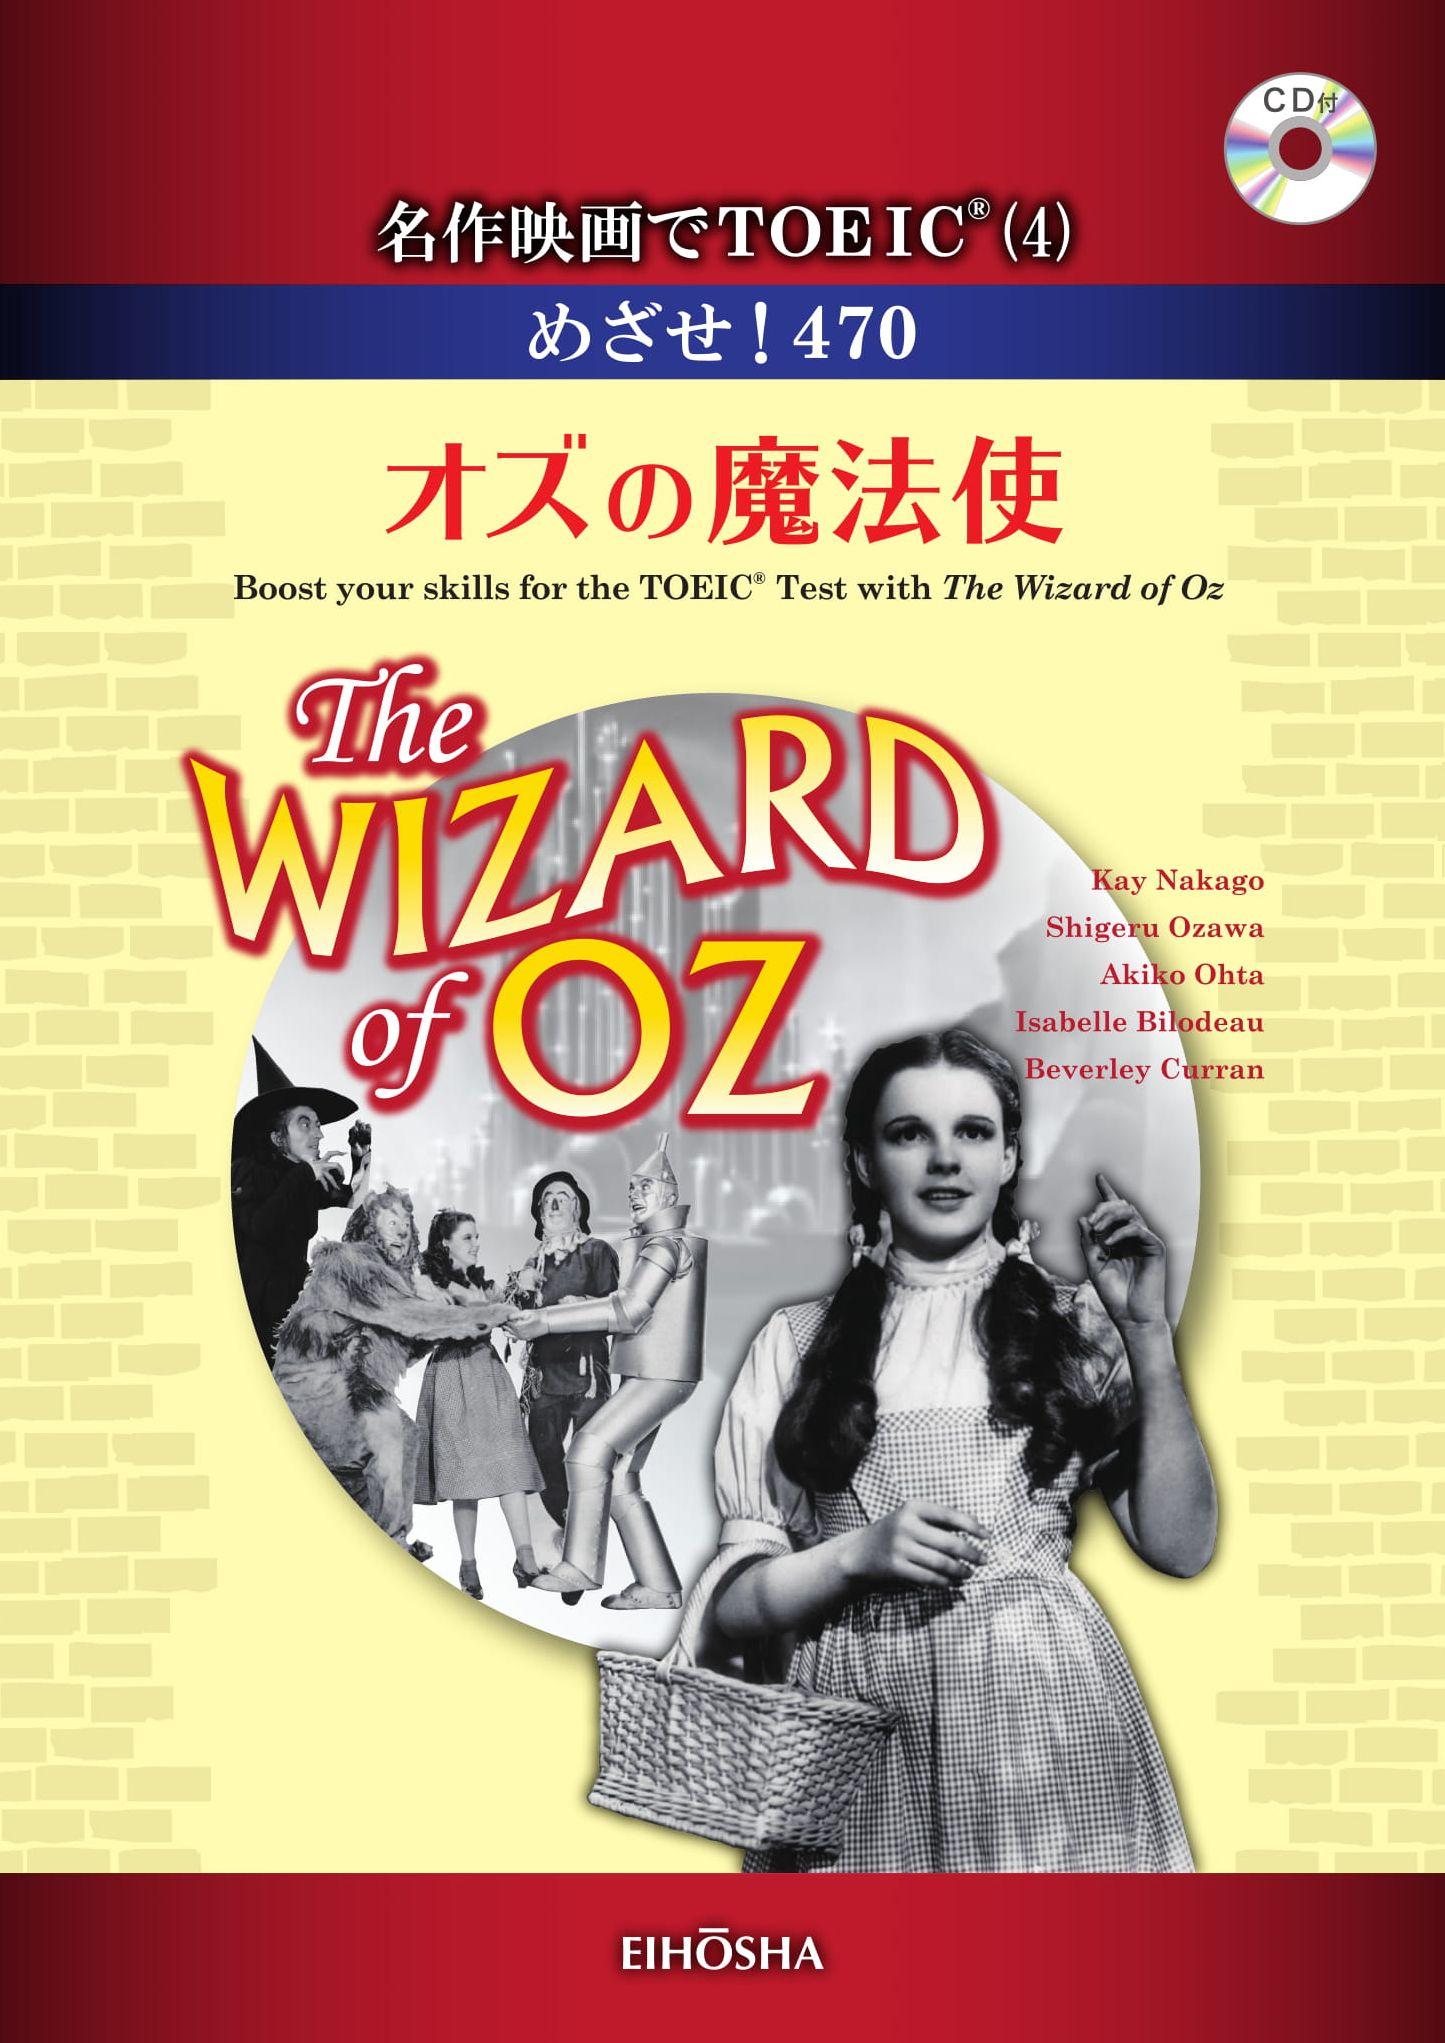 名作映画でTOEIC<sup>®</sup>(4)めざせ!470『オズの魔法使』